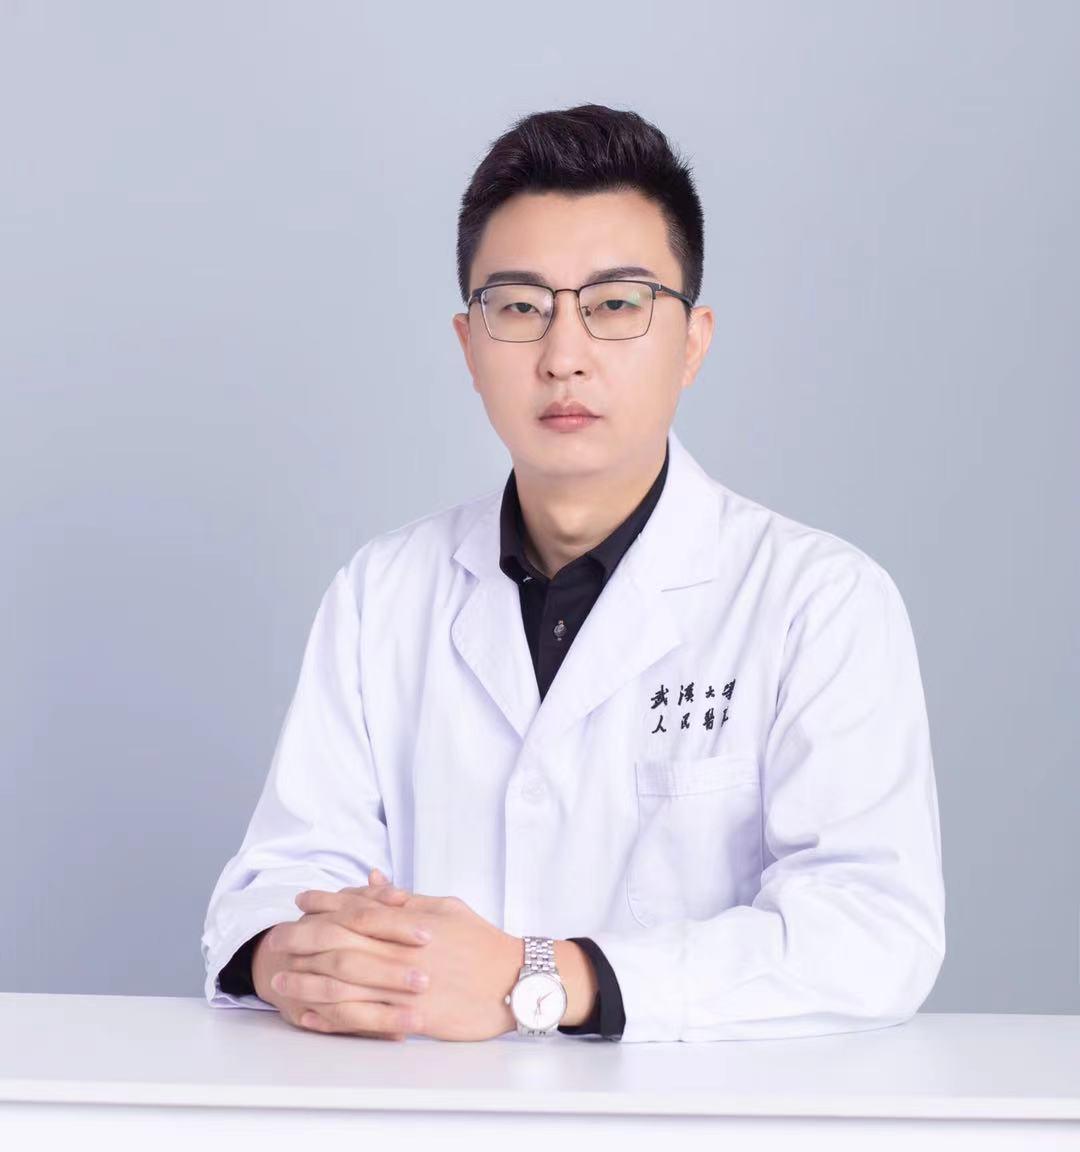 武汉大学人民医院:00 后女大学生突发癫痫,85 后男医生高铁上挺身而出救人